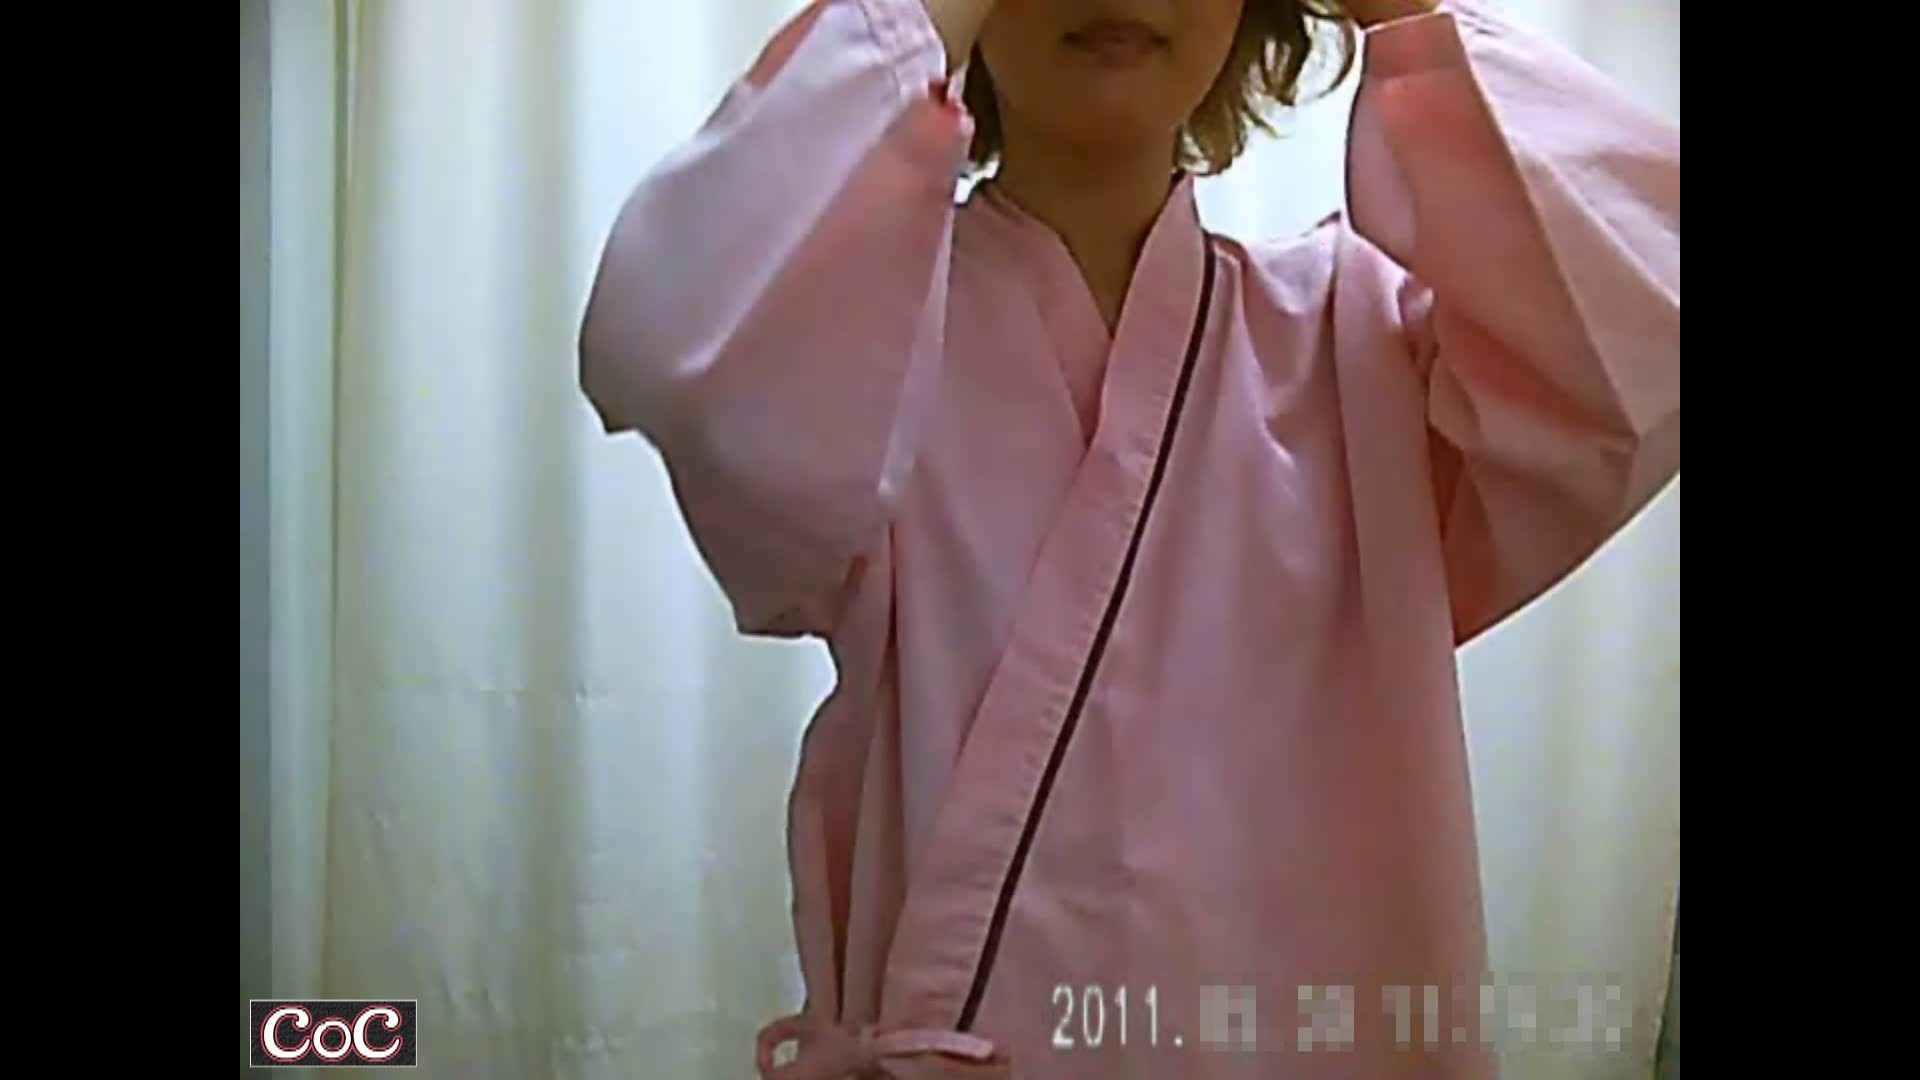 病院おもいっきり着替え! vol.01 巨乳 盗撮画像 80画像 22